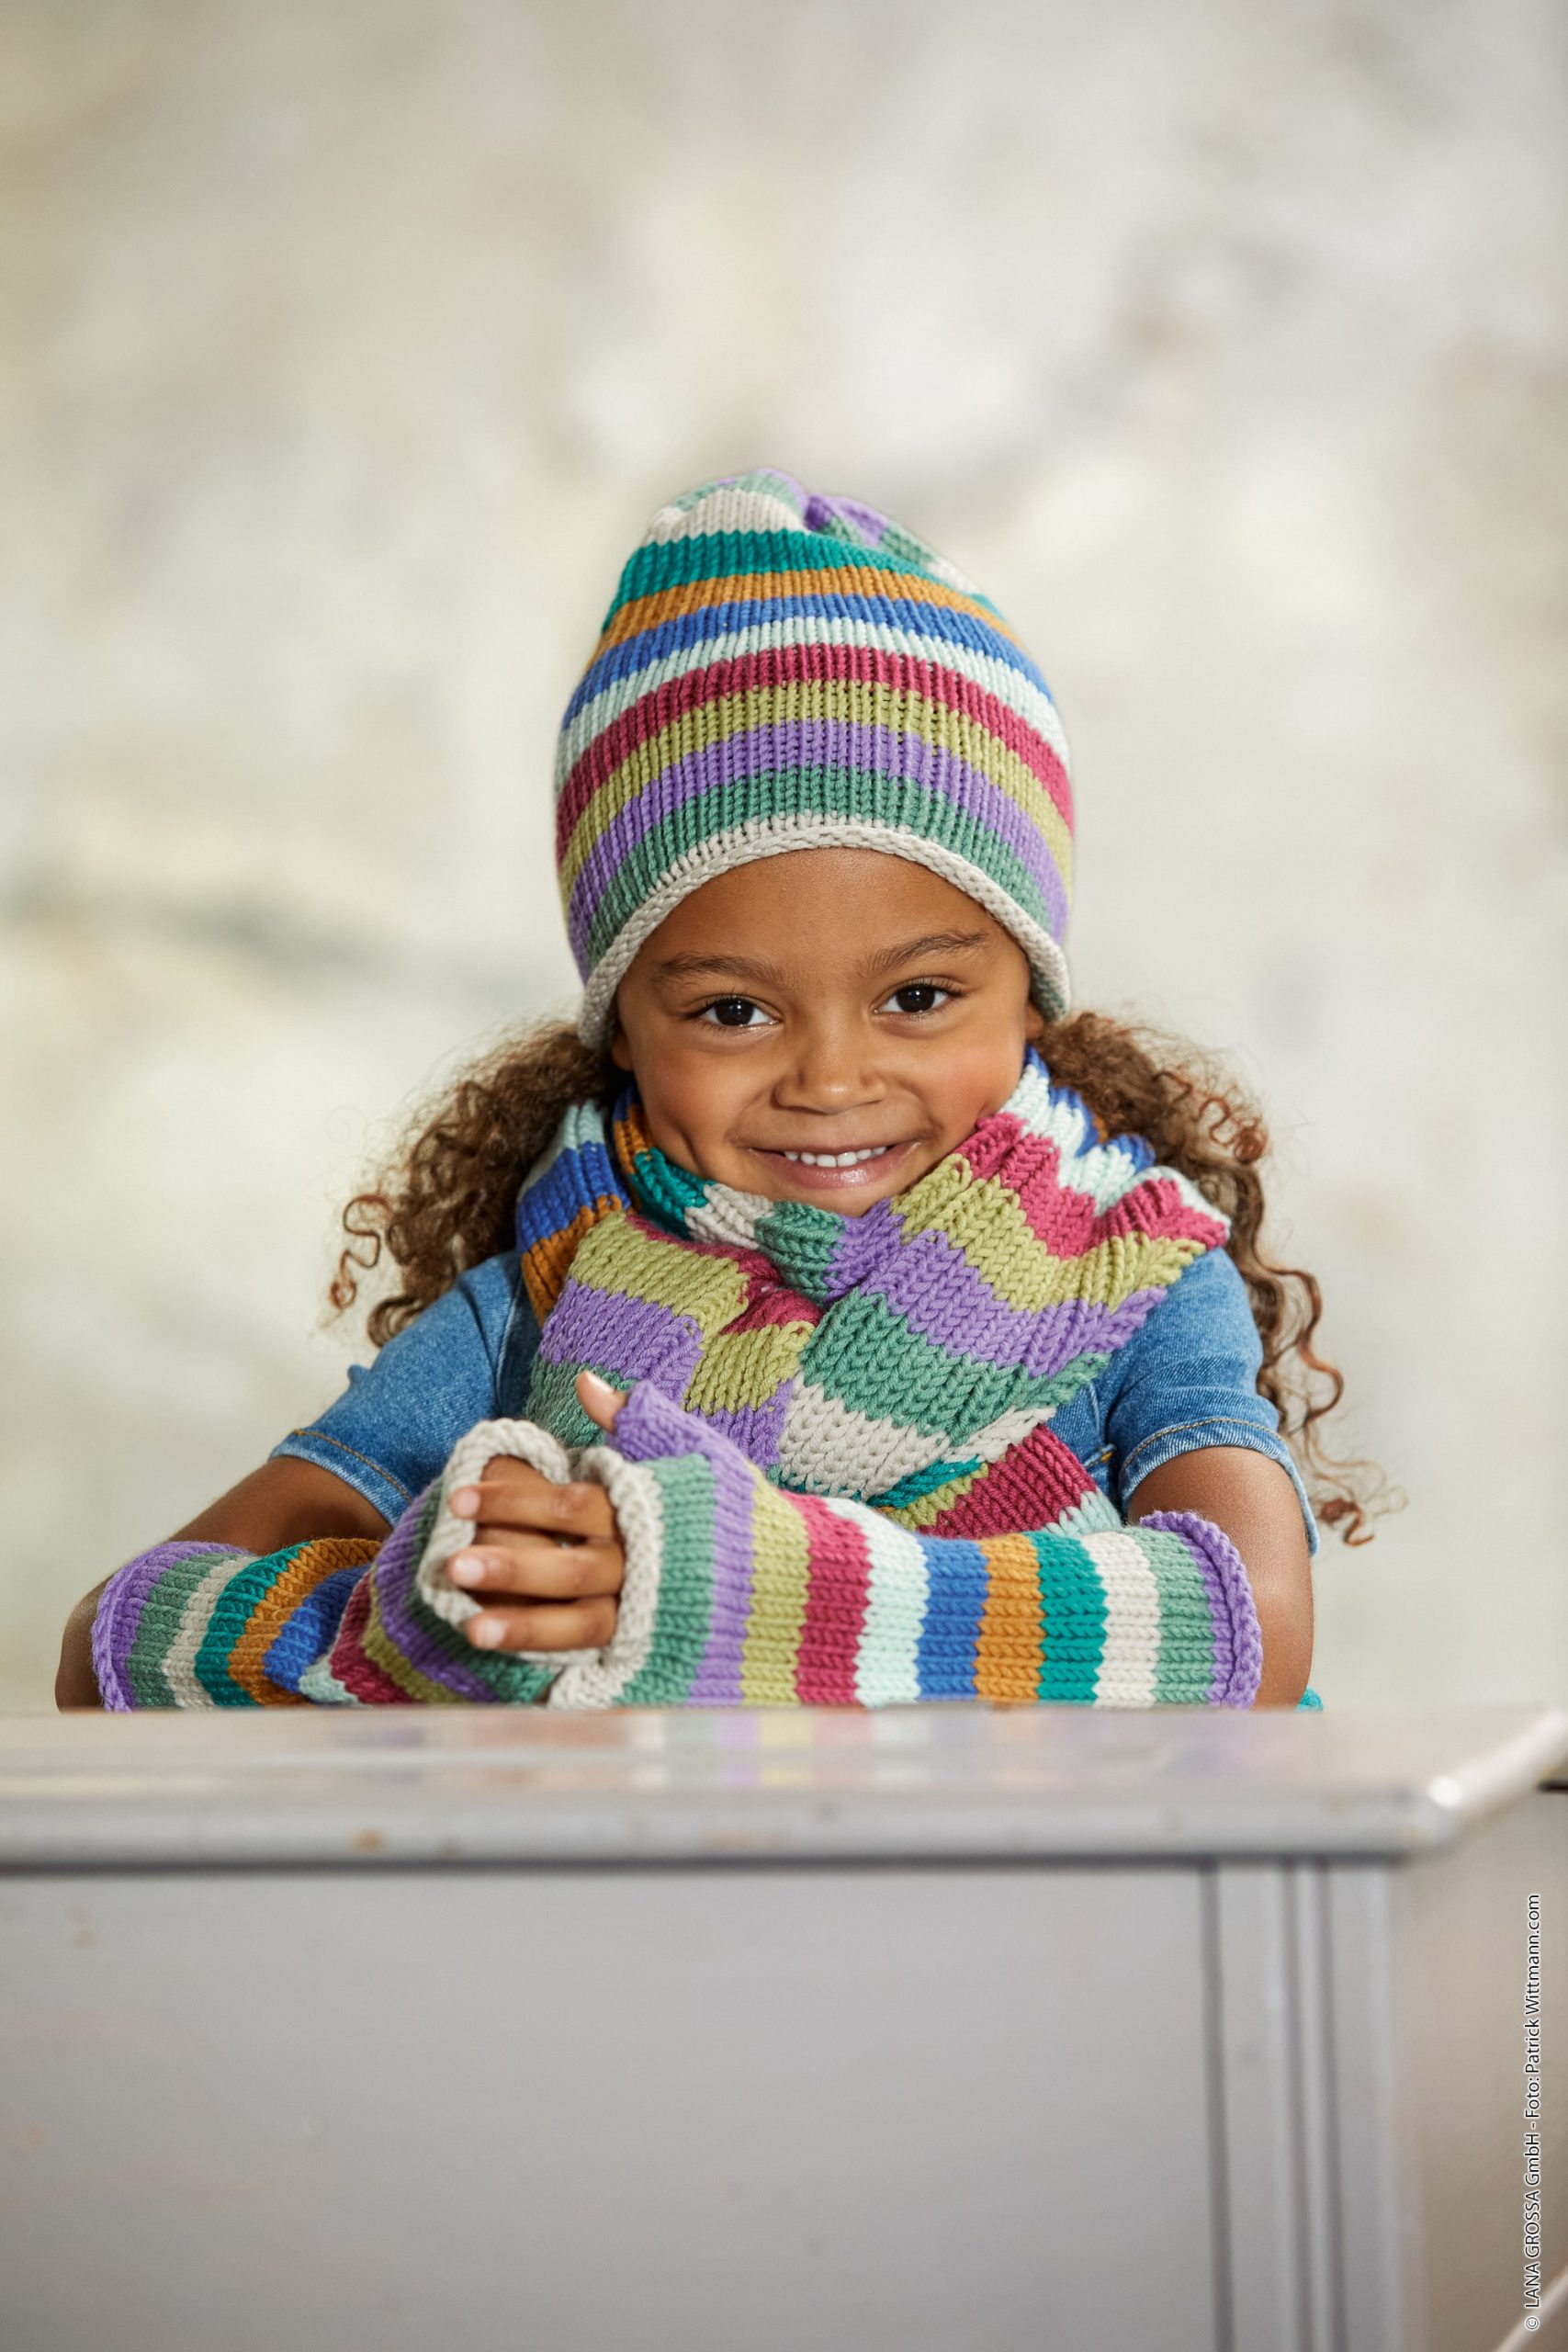 Modello di cappello ai ferri a fasce multicolori per bambini Lana Grossa Bingo 28 - Fornasari Distribuzione